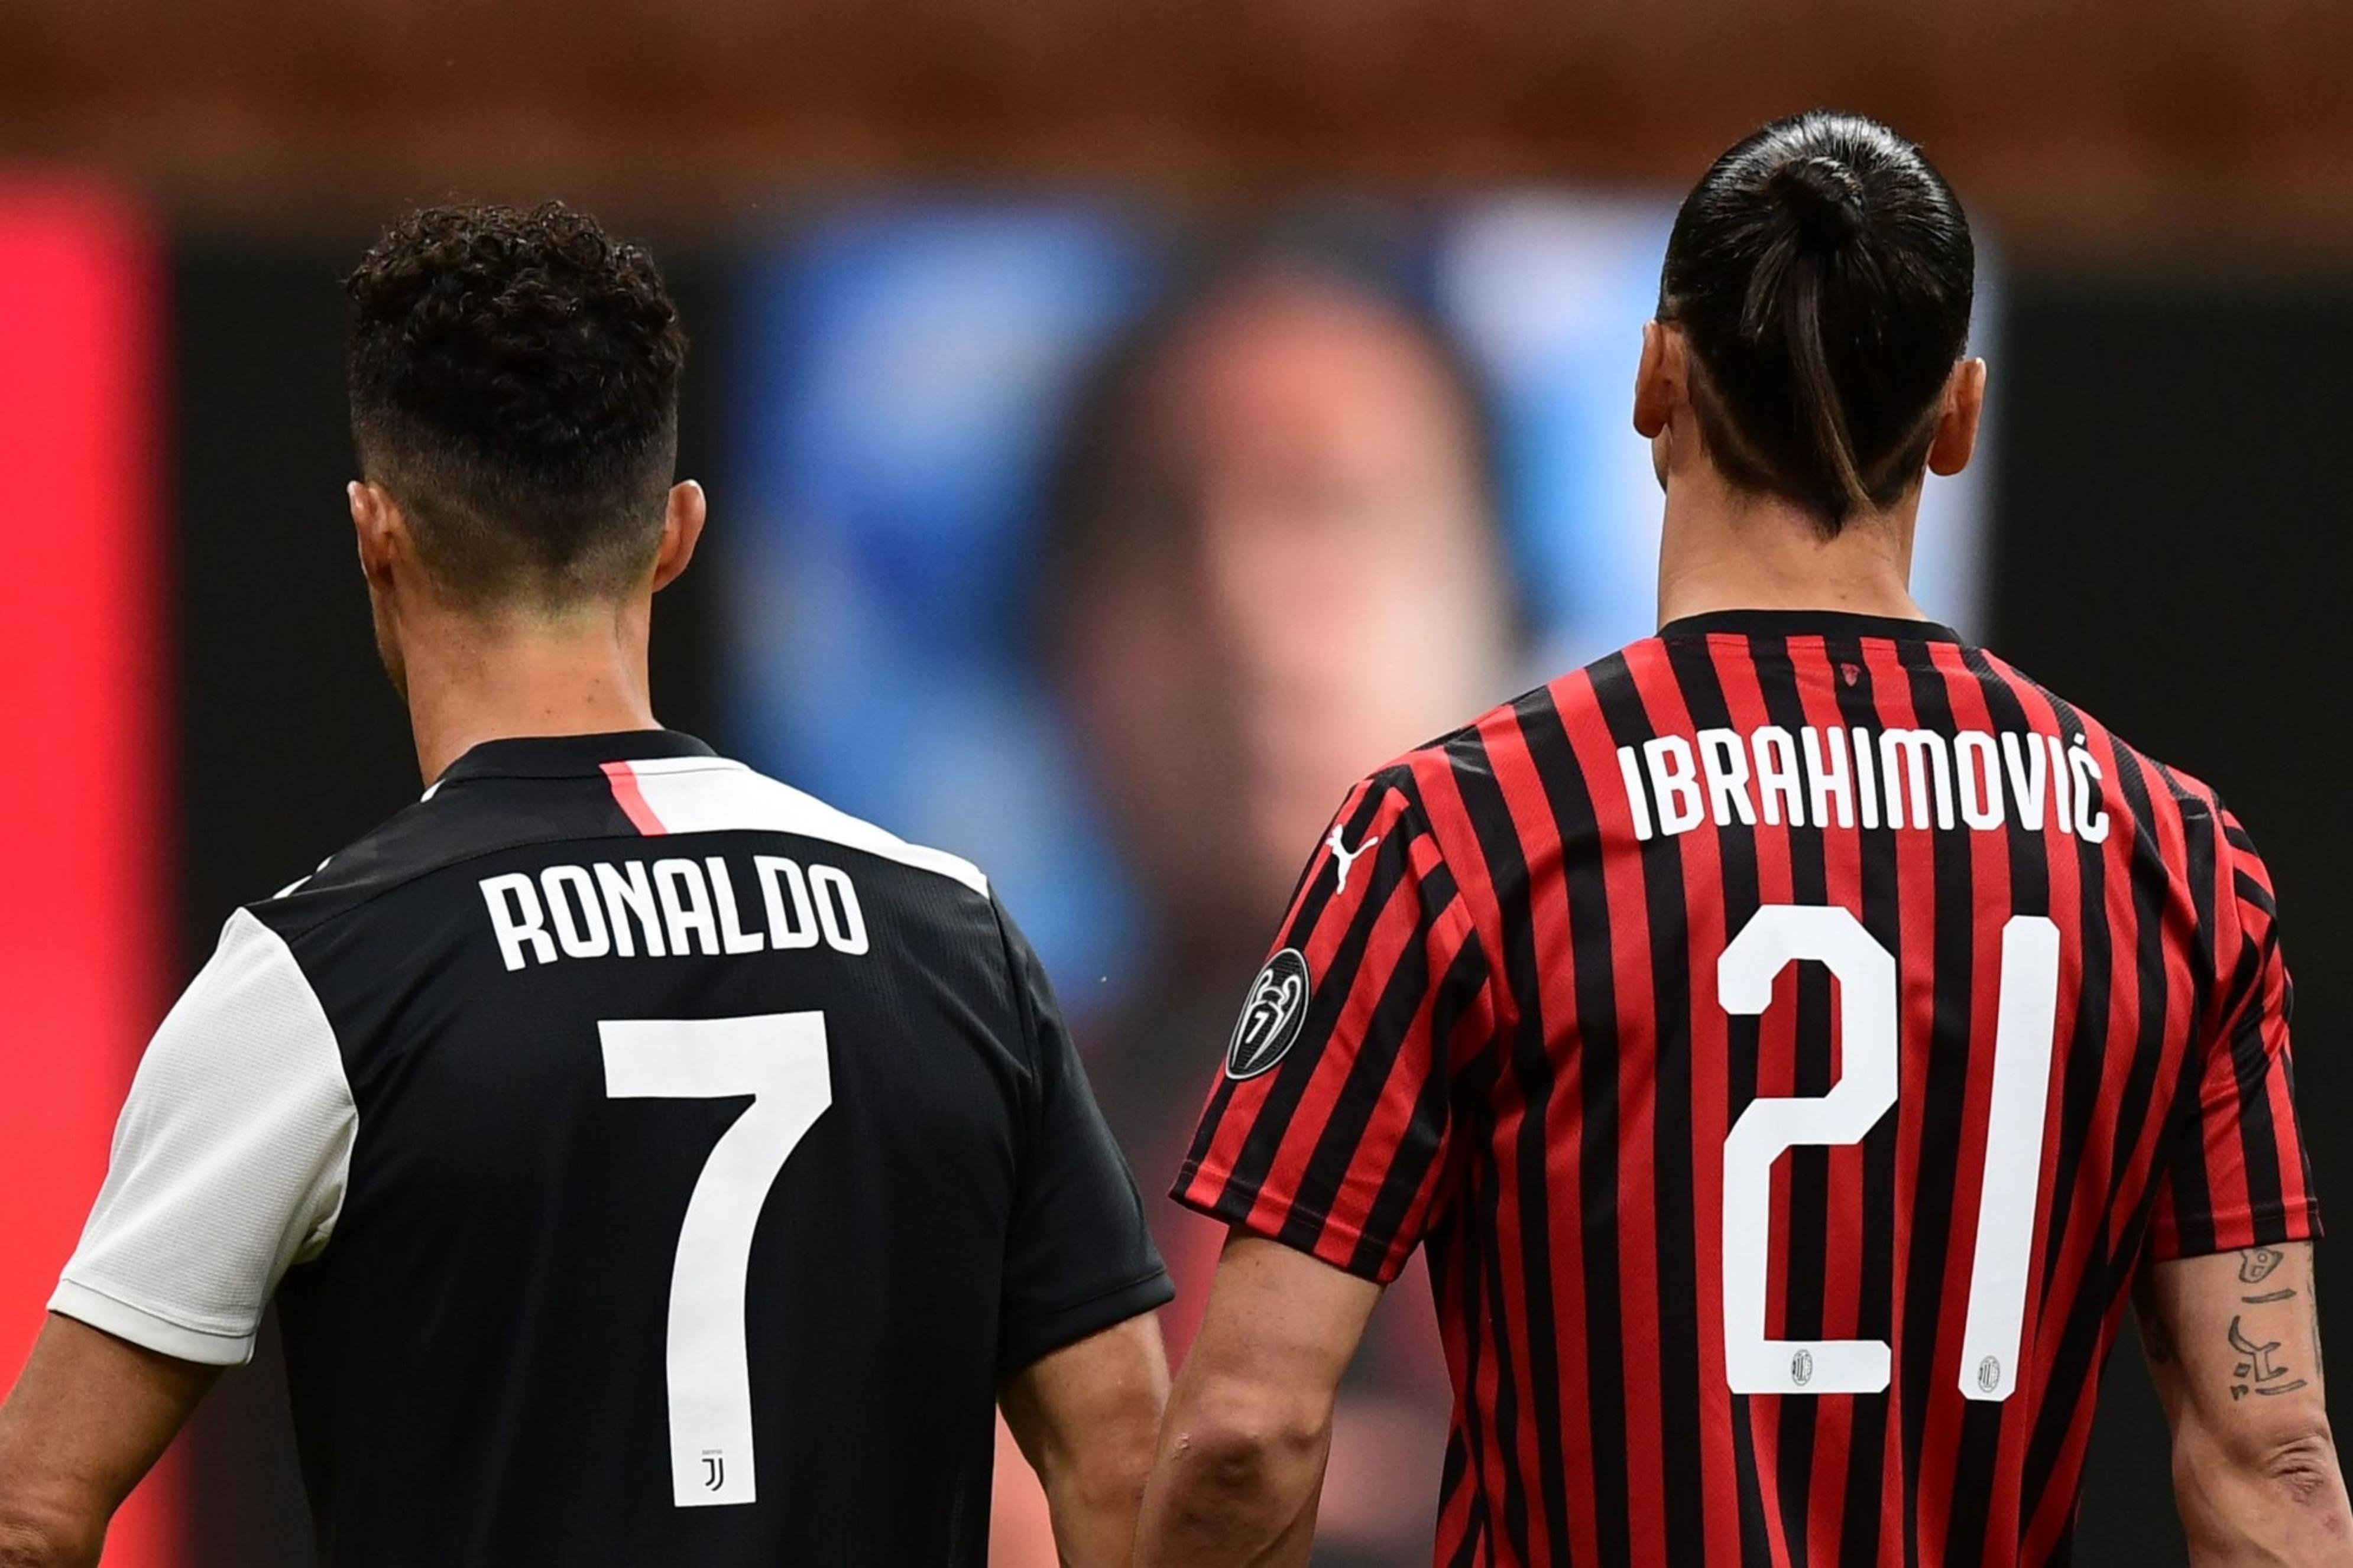 یوونتوس - سری آ - Serie A - Juventus - میلان - AC Milan